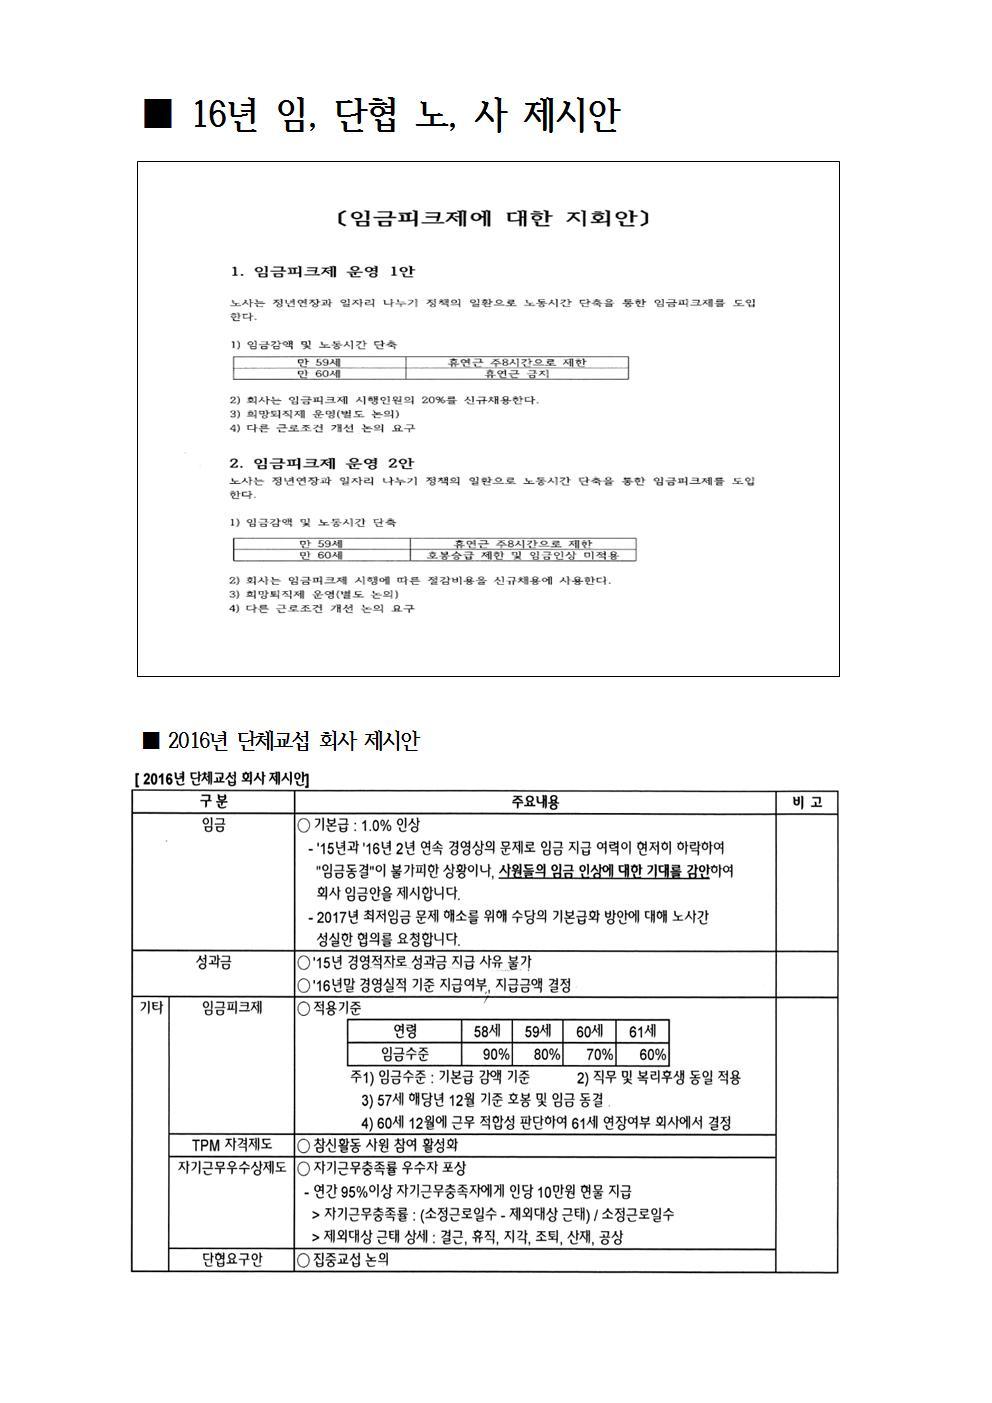 2016년 15차 본교섭002.jpg